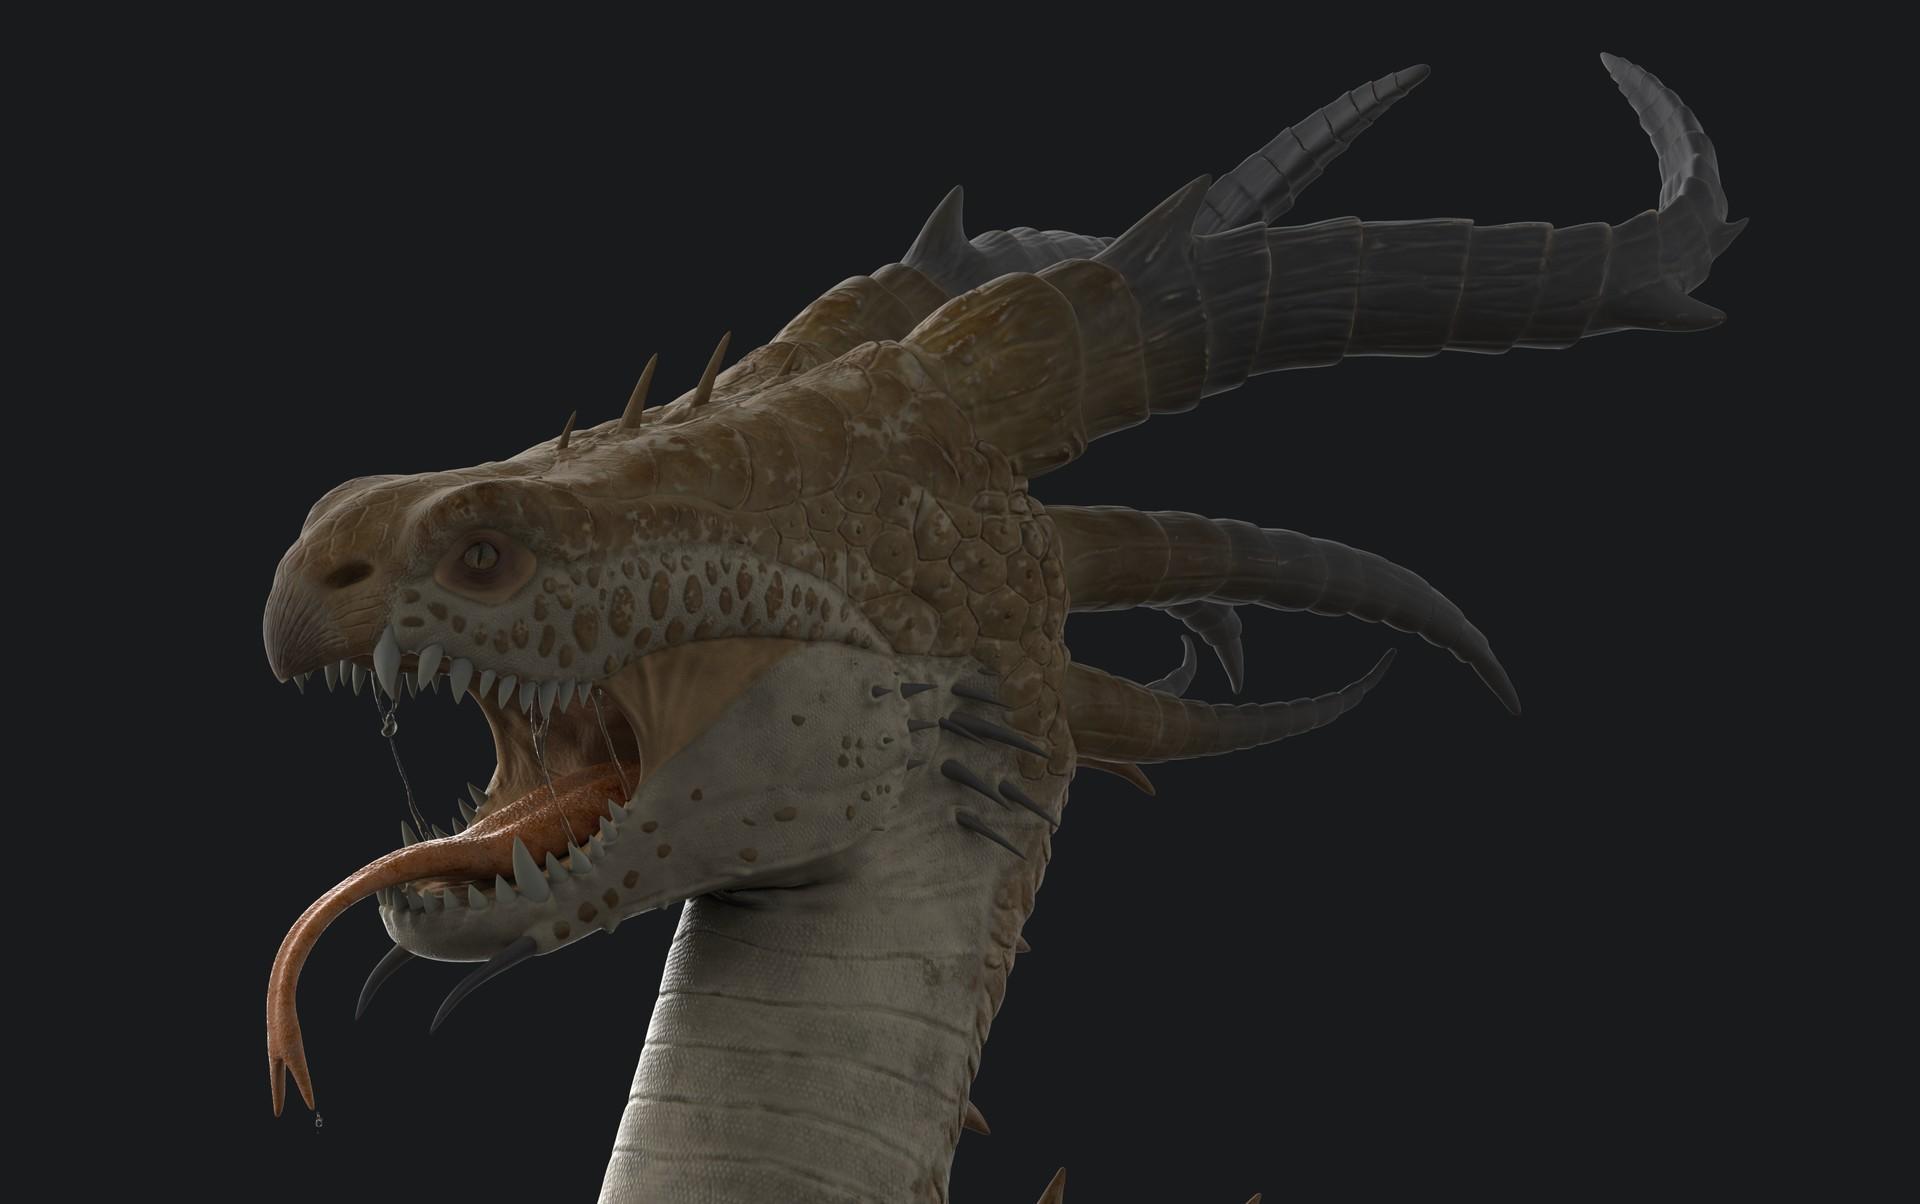 Miquel purra dragon 9